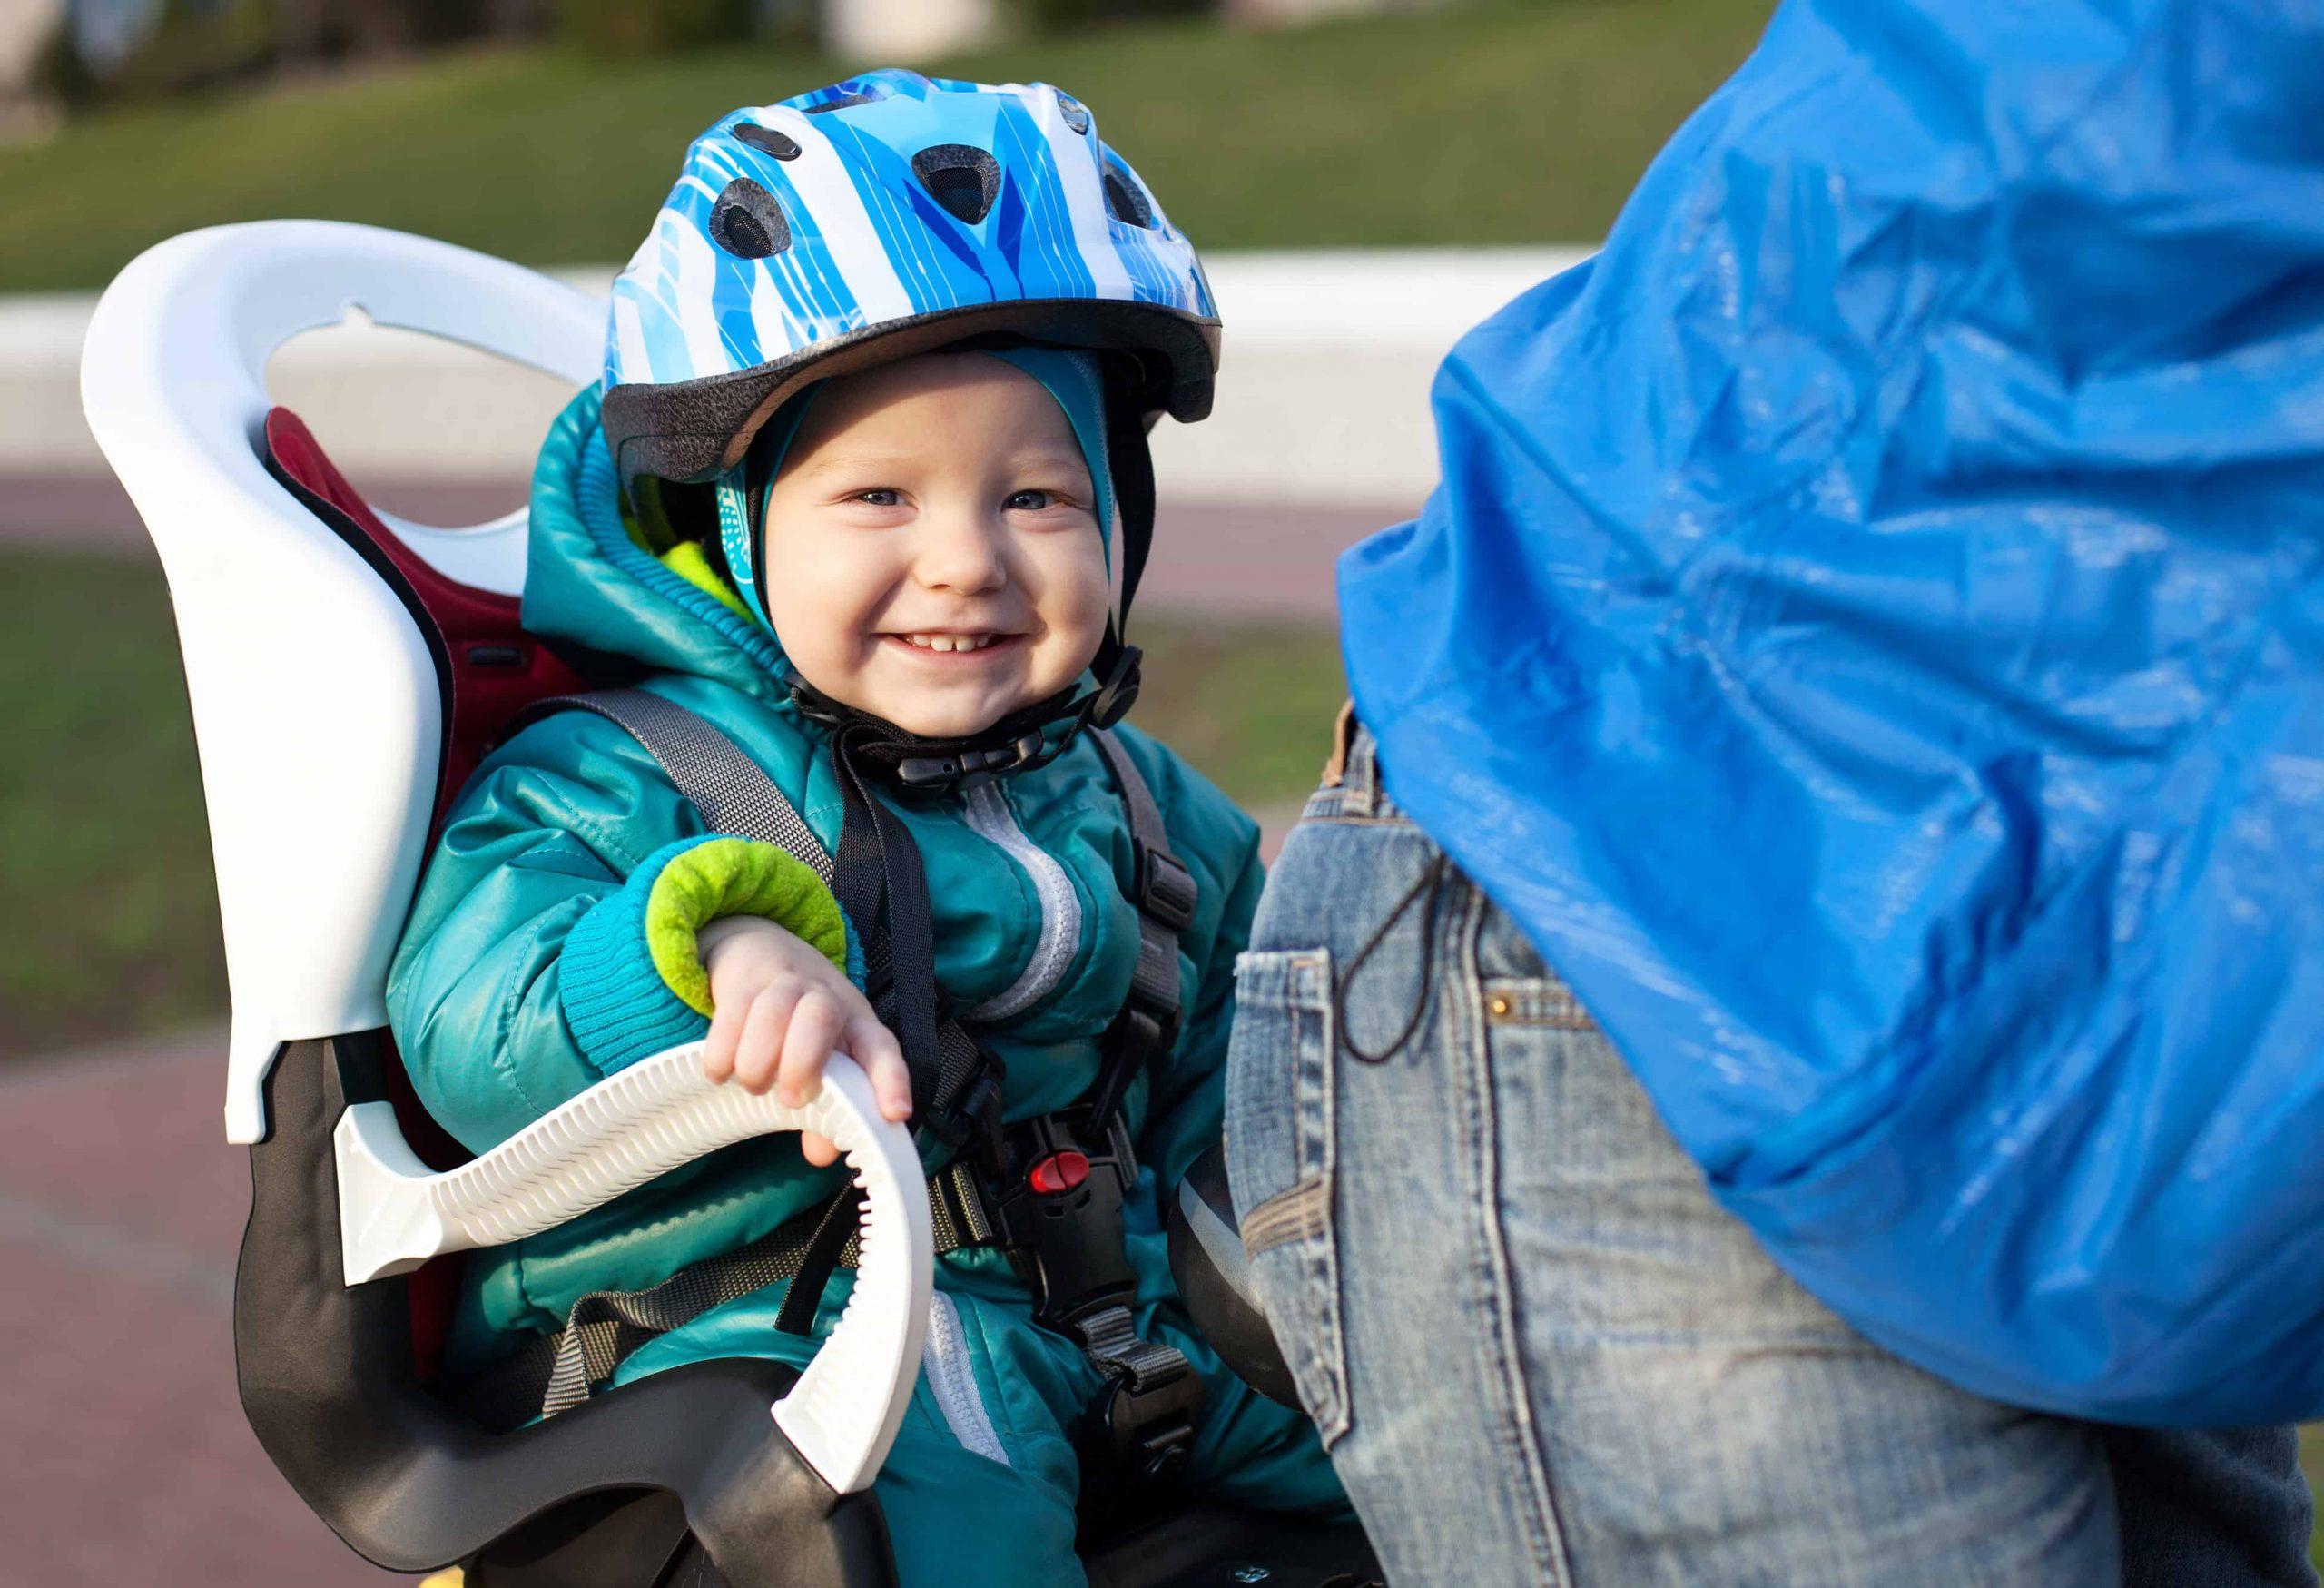 Miglior seggiolino bicicletta 2021: Guida all'acquisto